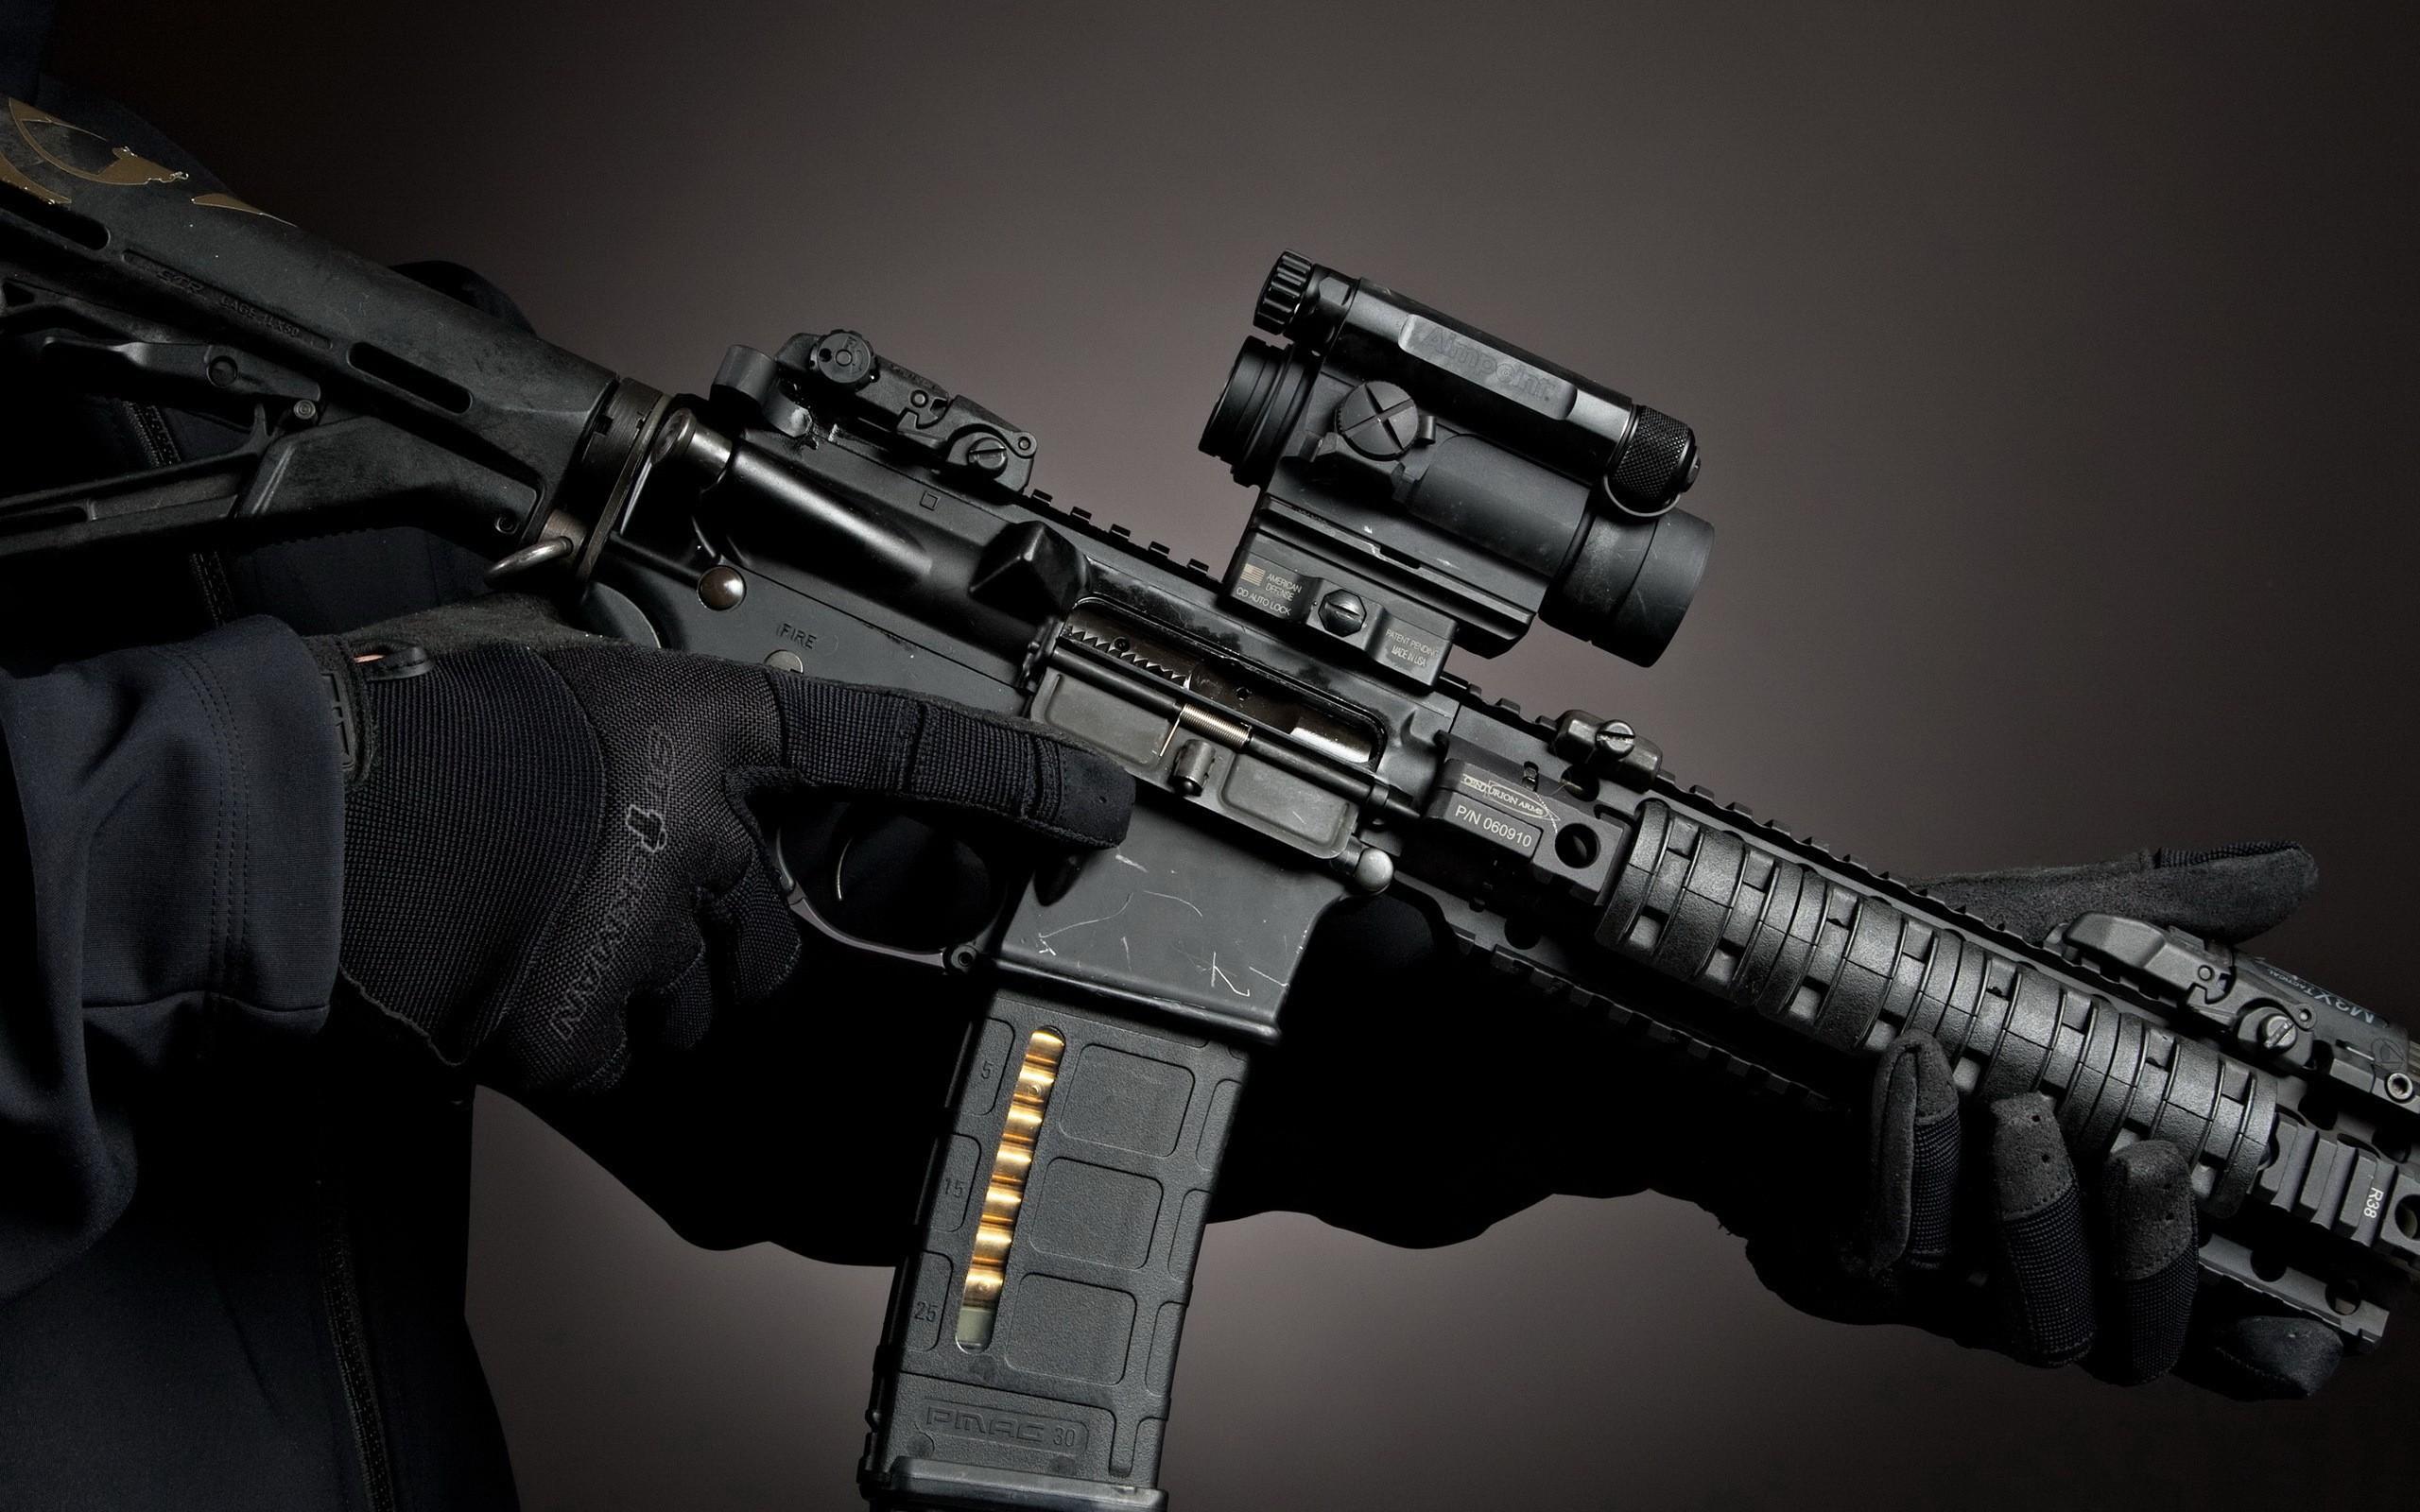 2560x1600 guns desktop background